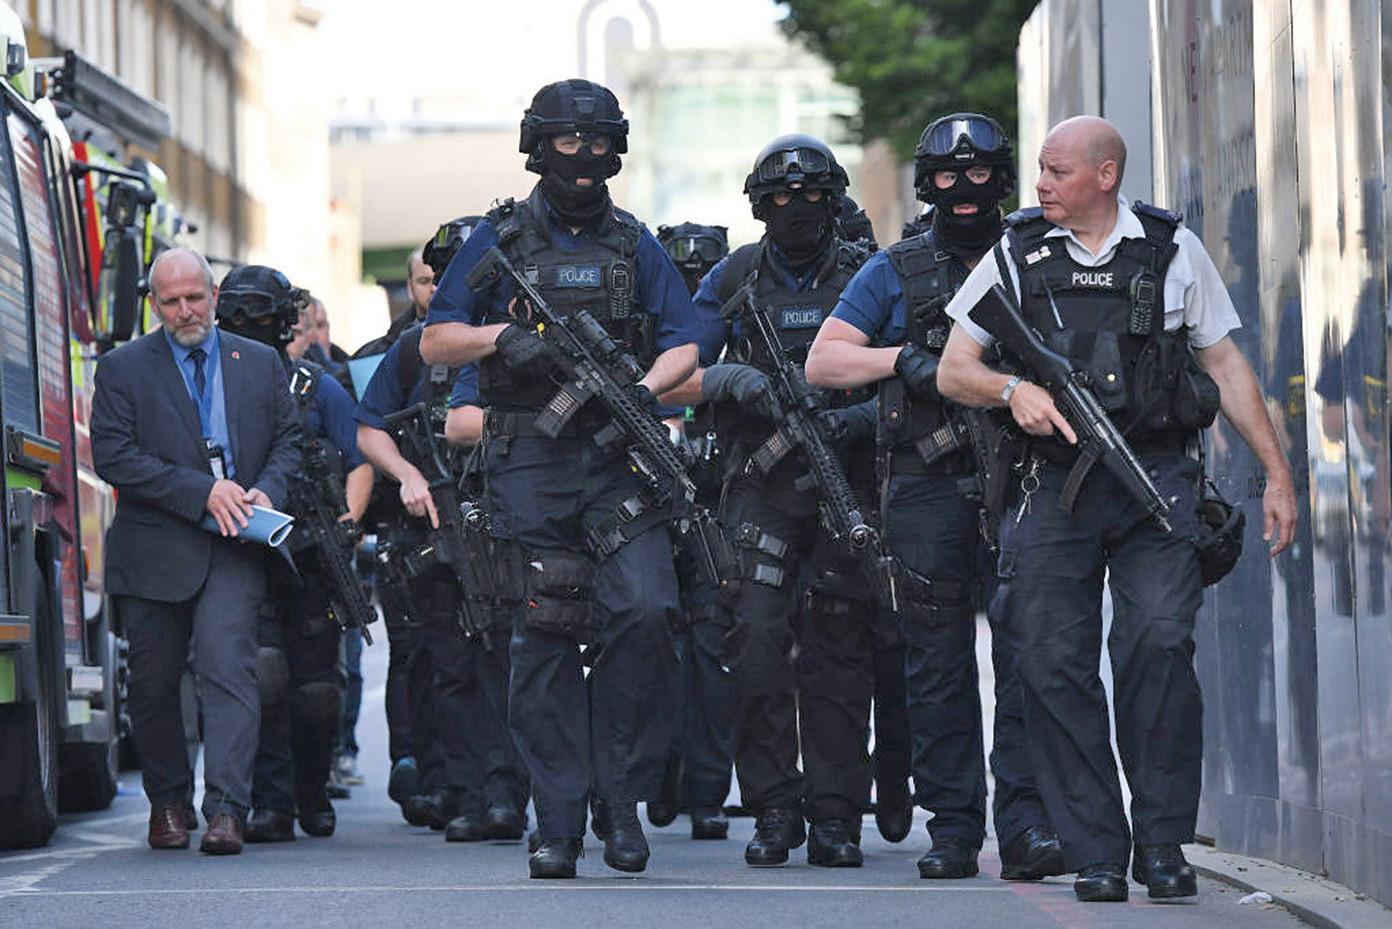 恐襲發生後,手持衝鋒槍的警察在事發地點附近巡邏。(Getty Images)